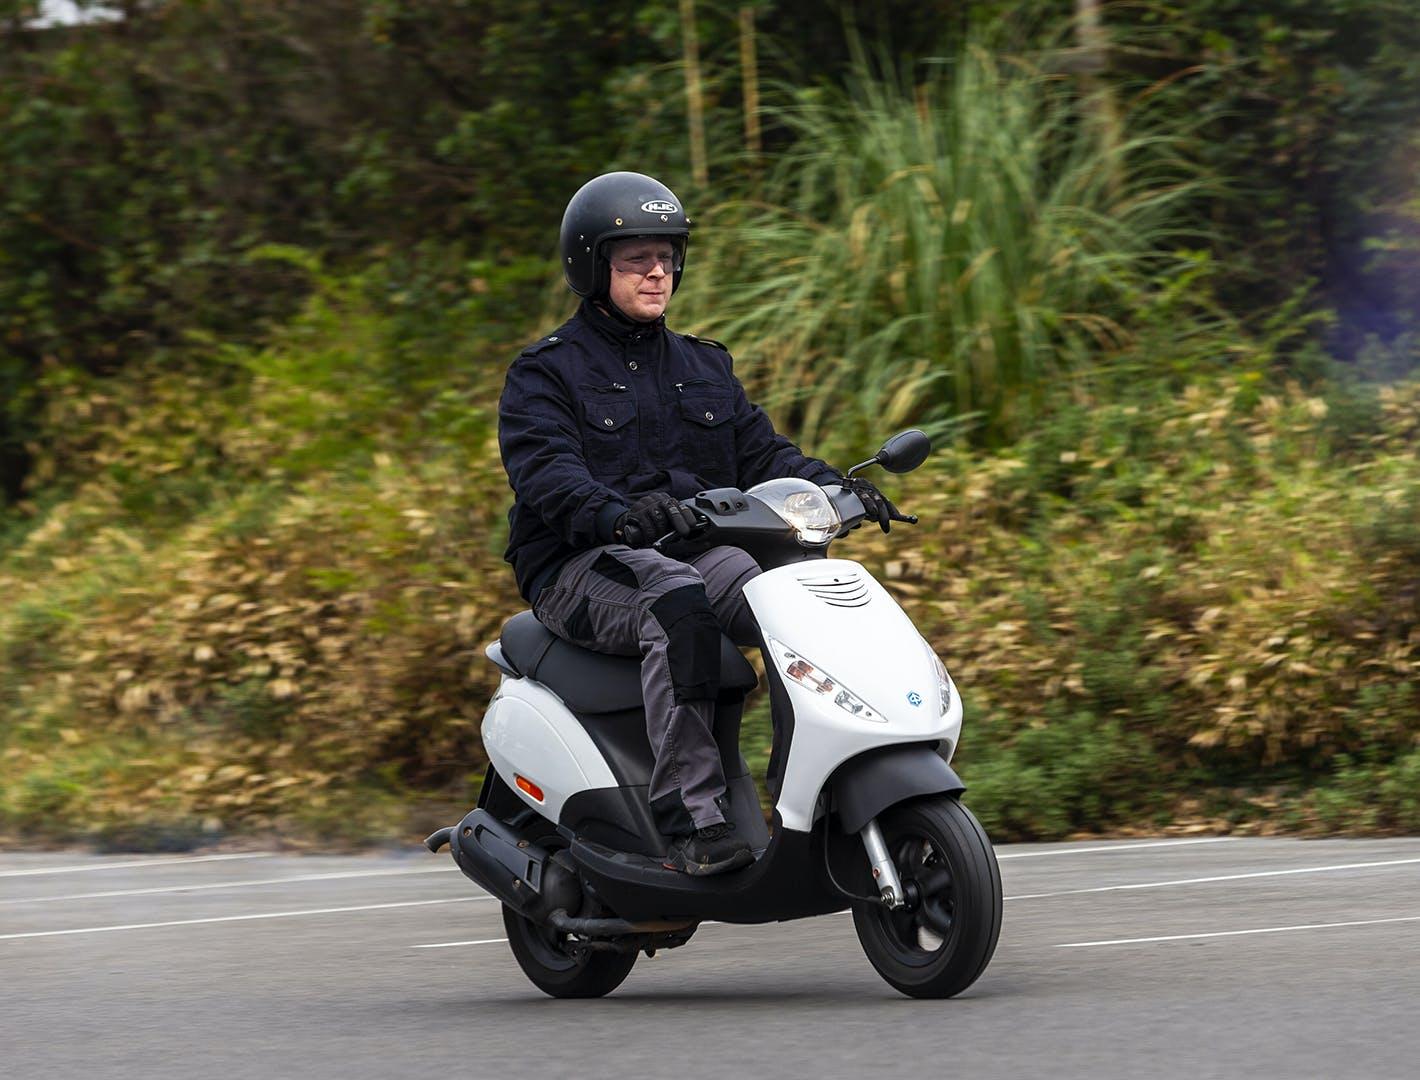 Scooter 2 temps sur route